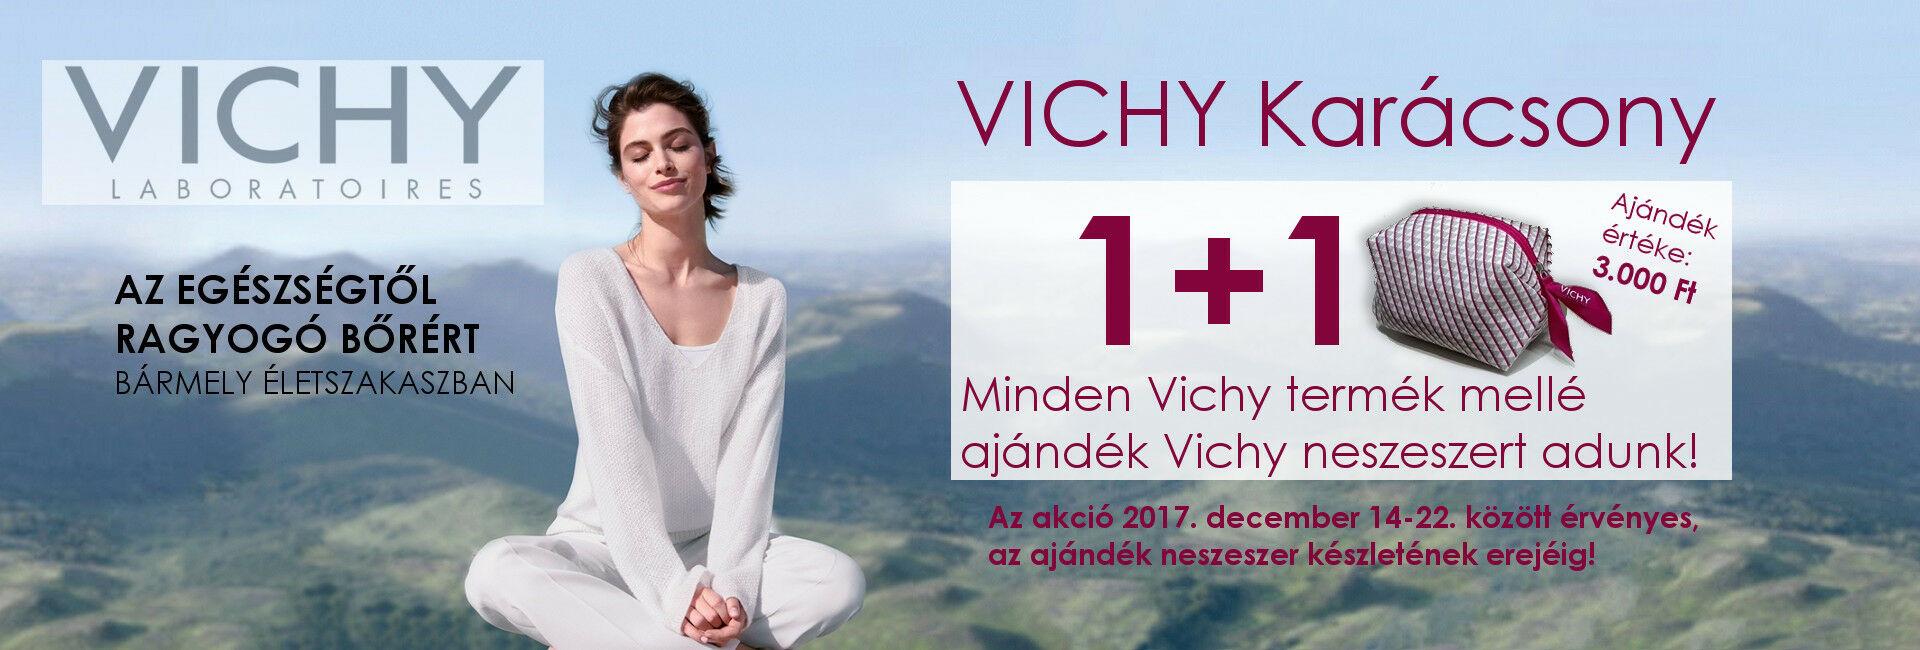 2017. december 14-22. között minden Vichy termék mellé ajándékba adunk 1db exkluzív Vichy nesszeszert 3.000 Ft értékben!